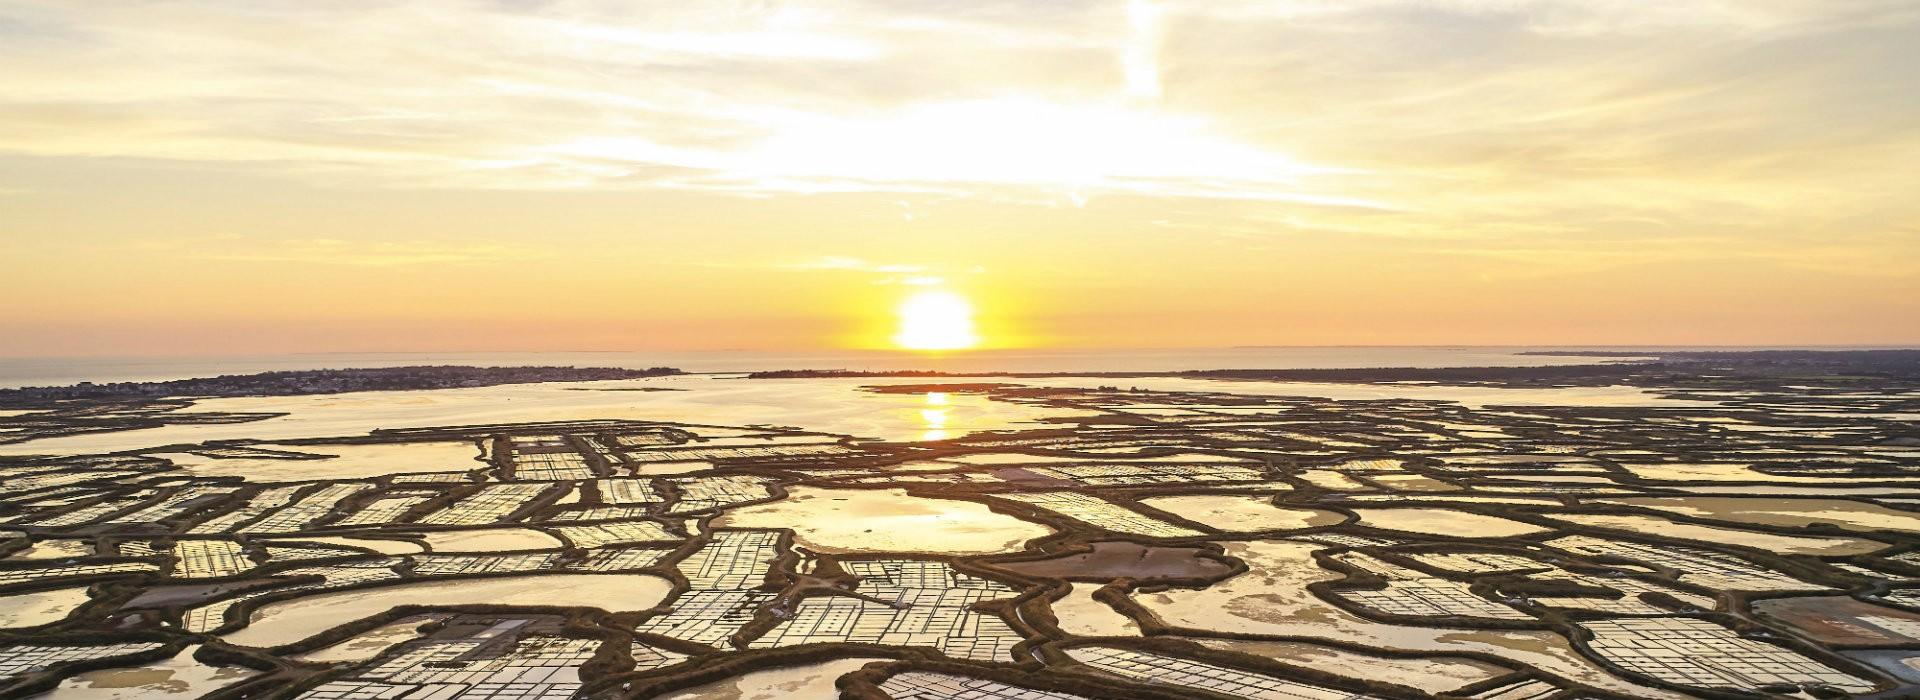 Coucher de soleil sur les marais salants de Guérande - Alexandre Lamoureux